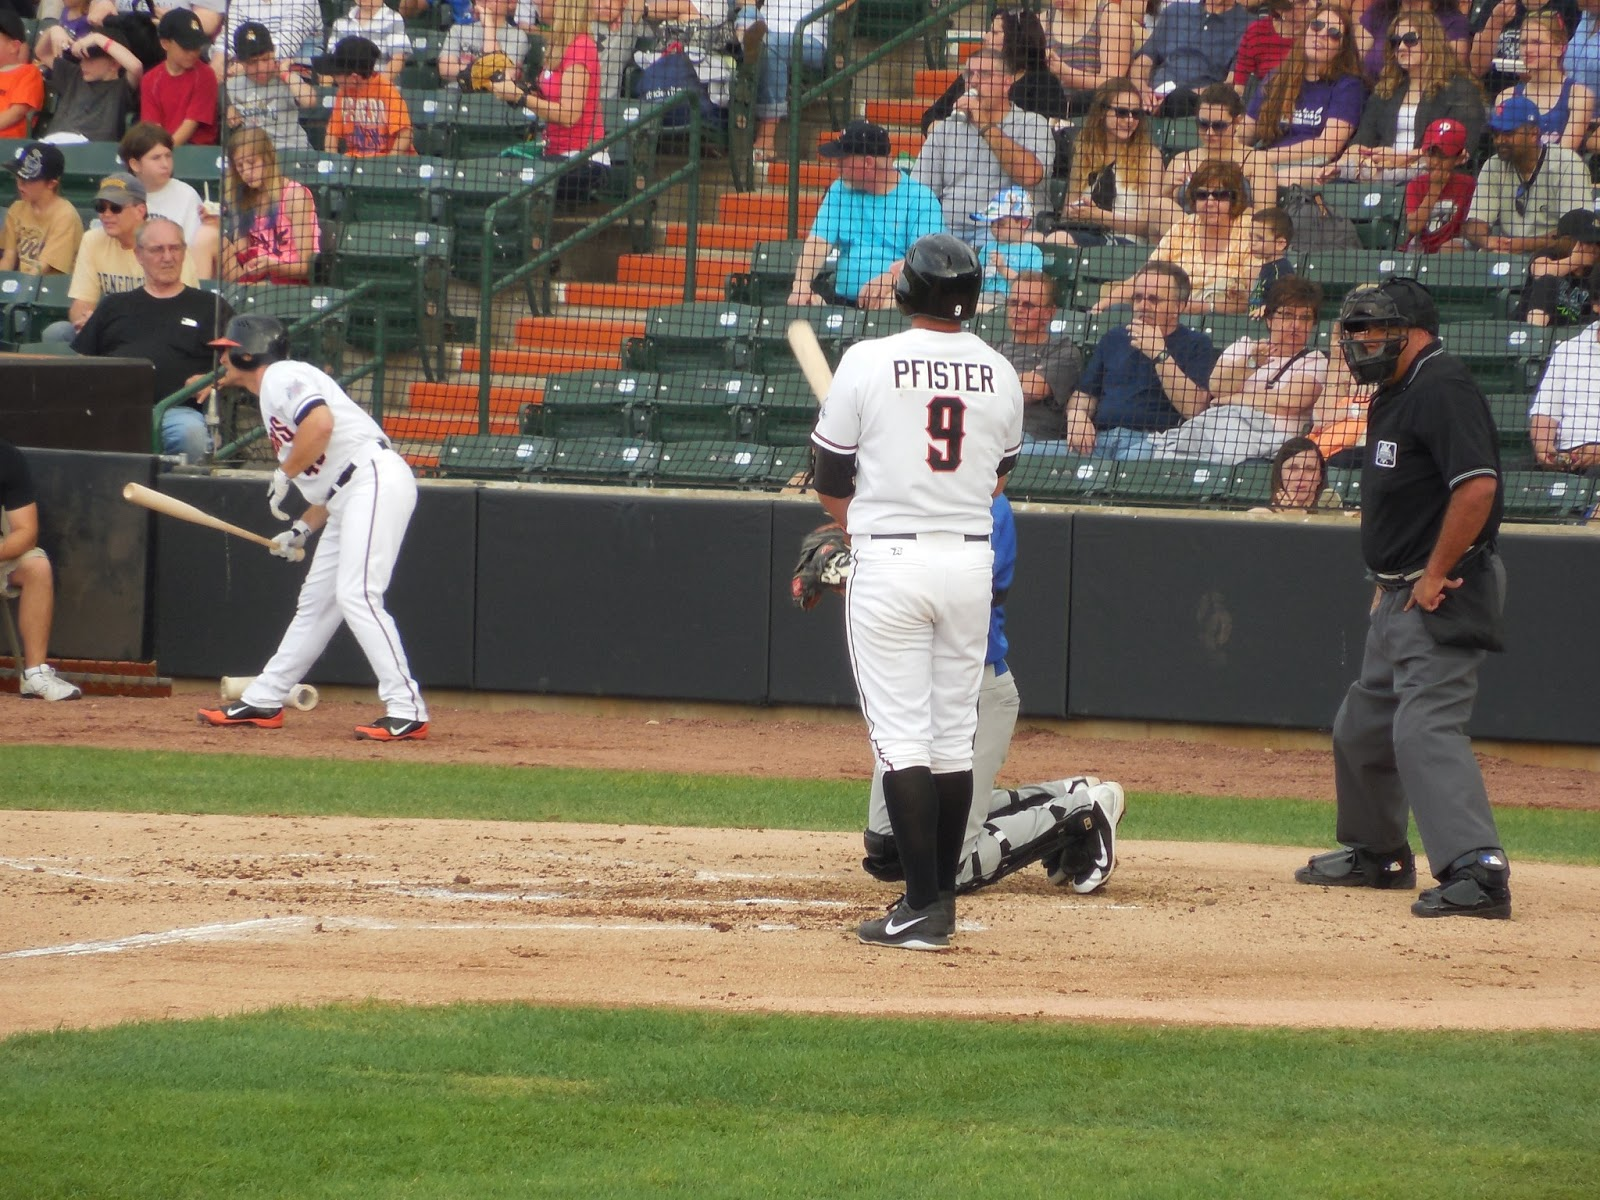 baseblog game 5 5 19 at sheffield baseball club